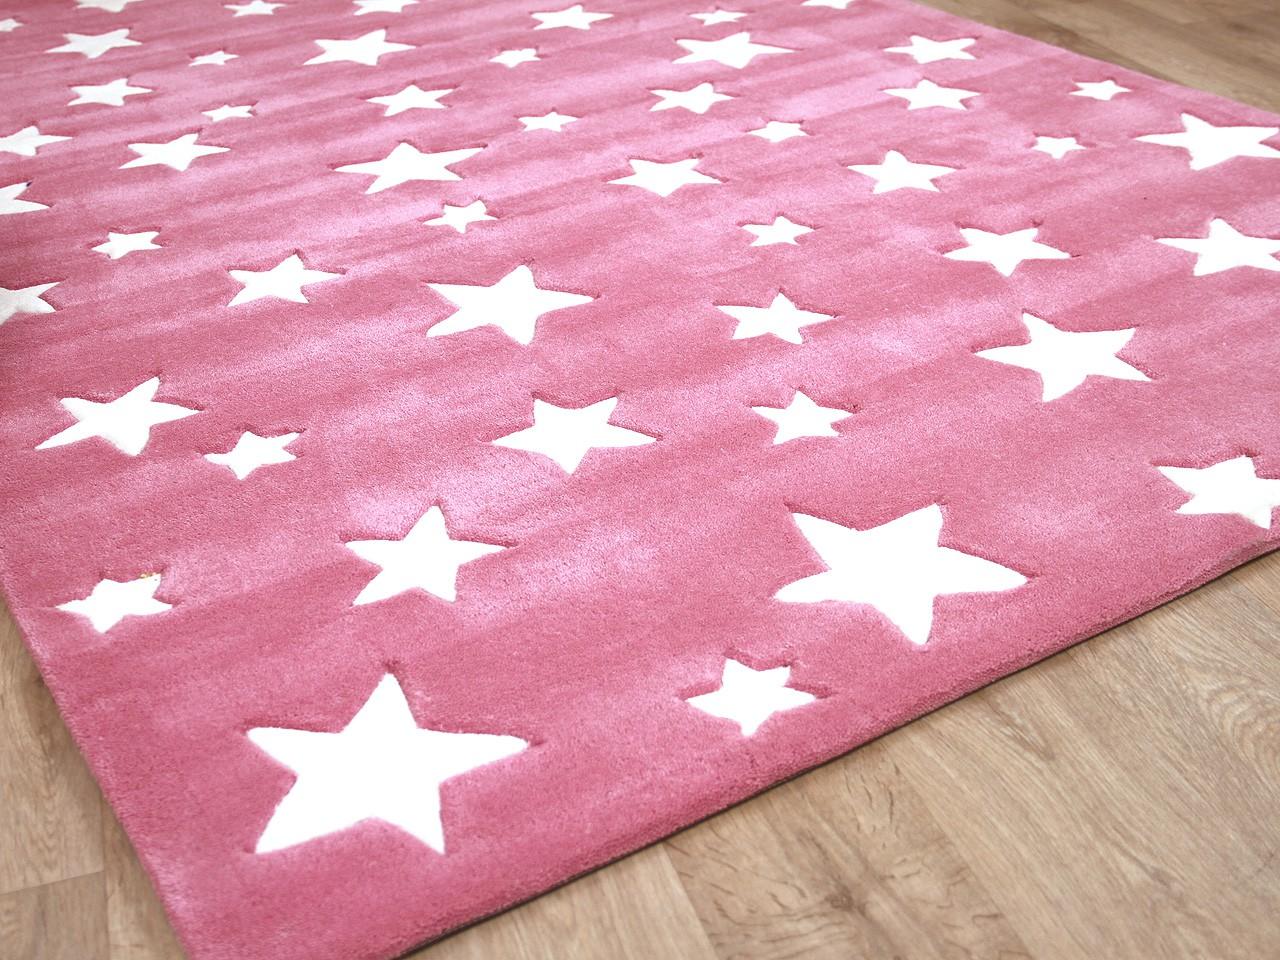 Kinderteppich sterne rosa  Lifestyle Kinderteppich Sterne Rosa - Kaufen bei teppichversand24